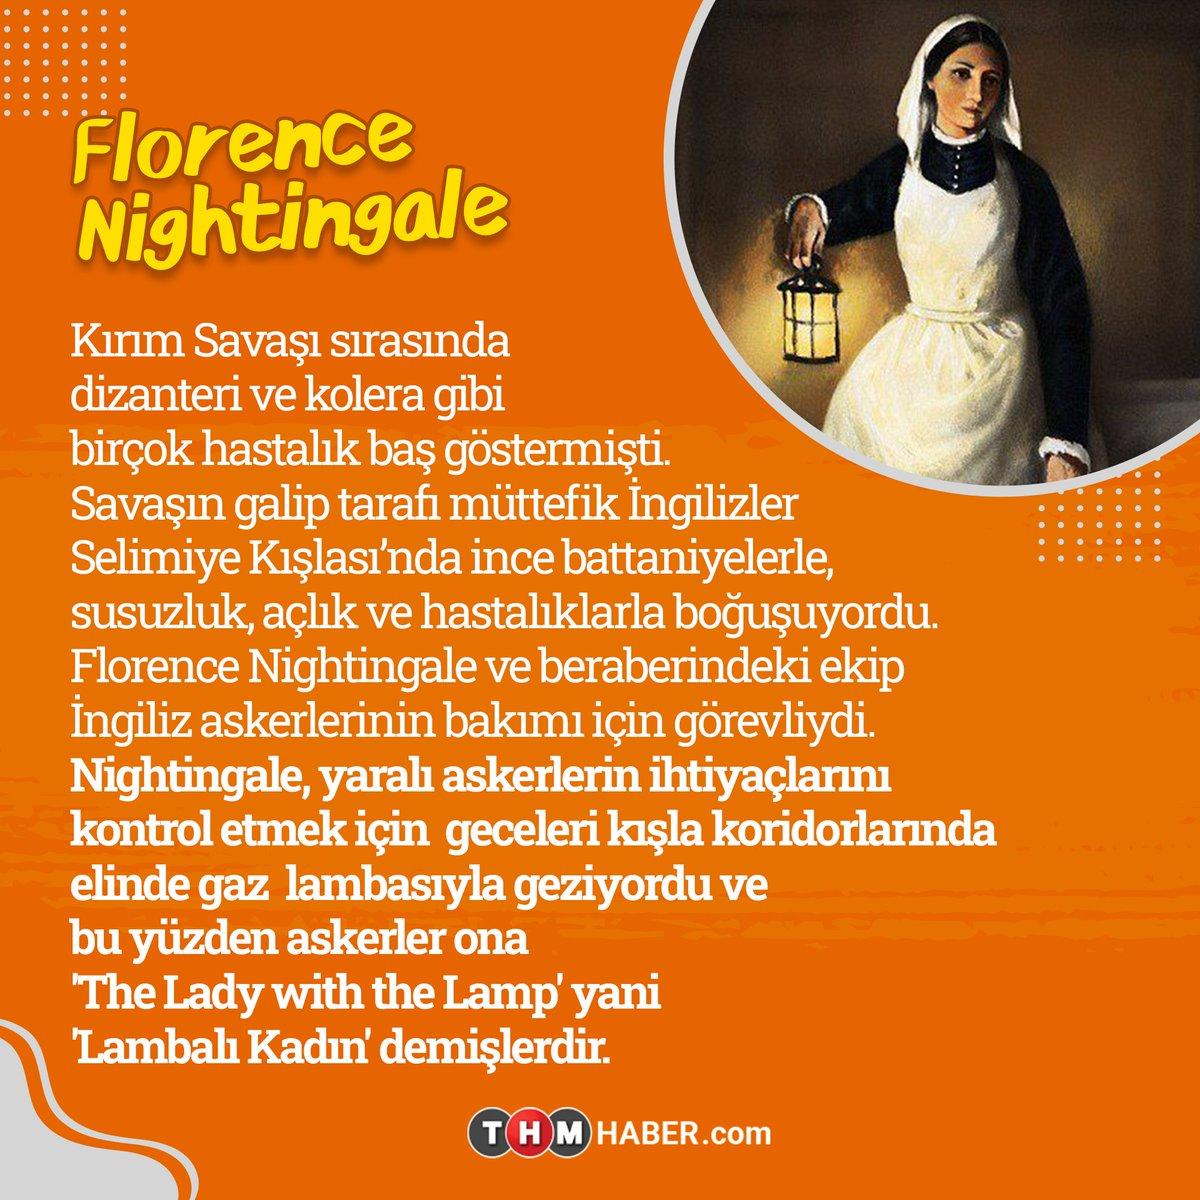 Florence Nightingale, hayatı boyunca hemşirelik yaparak tüm insanlar için çabaladı.  Onun doğum gününü her yıl Dünya Hemşireler Günü olarak kutluyoruz.   #DünyaSağlıkGünü